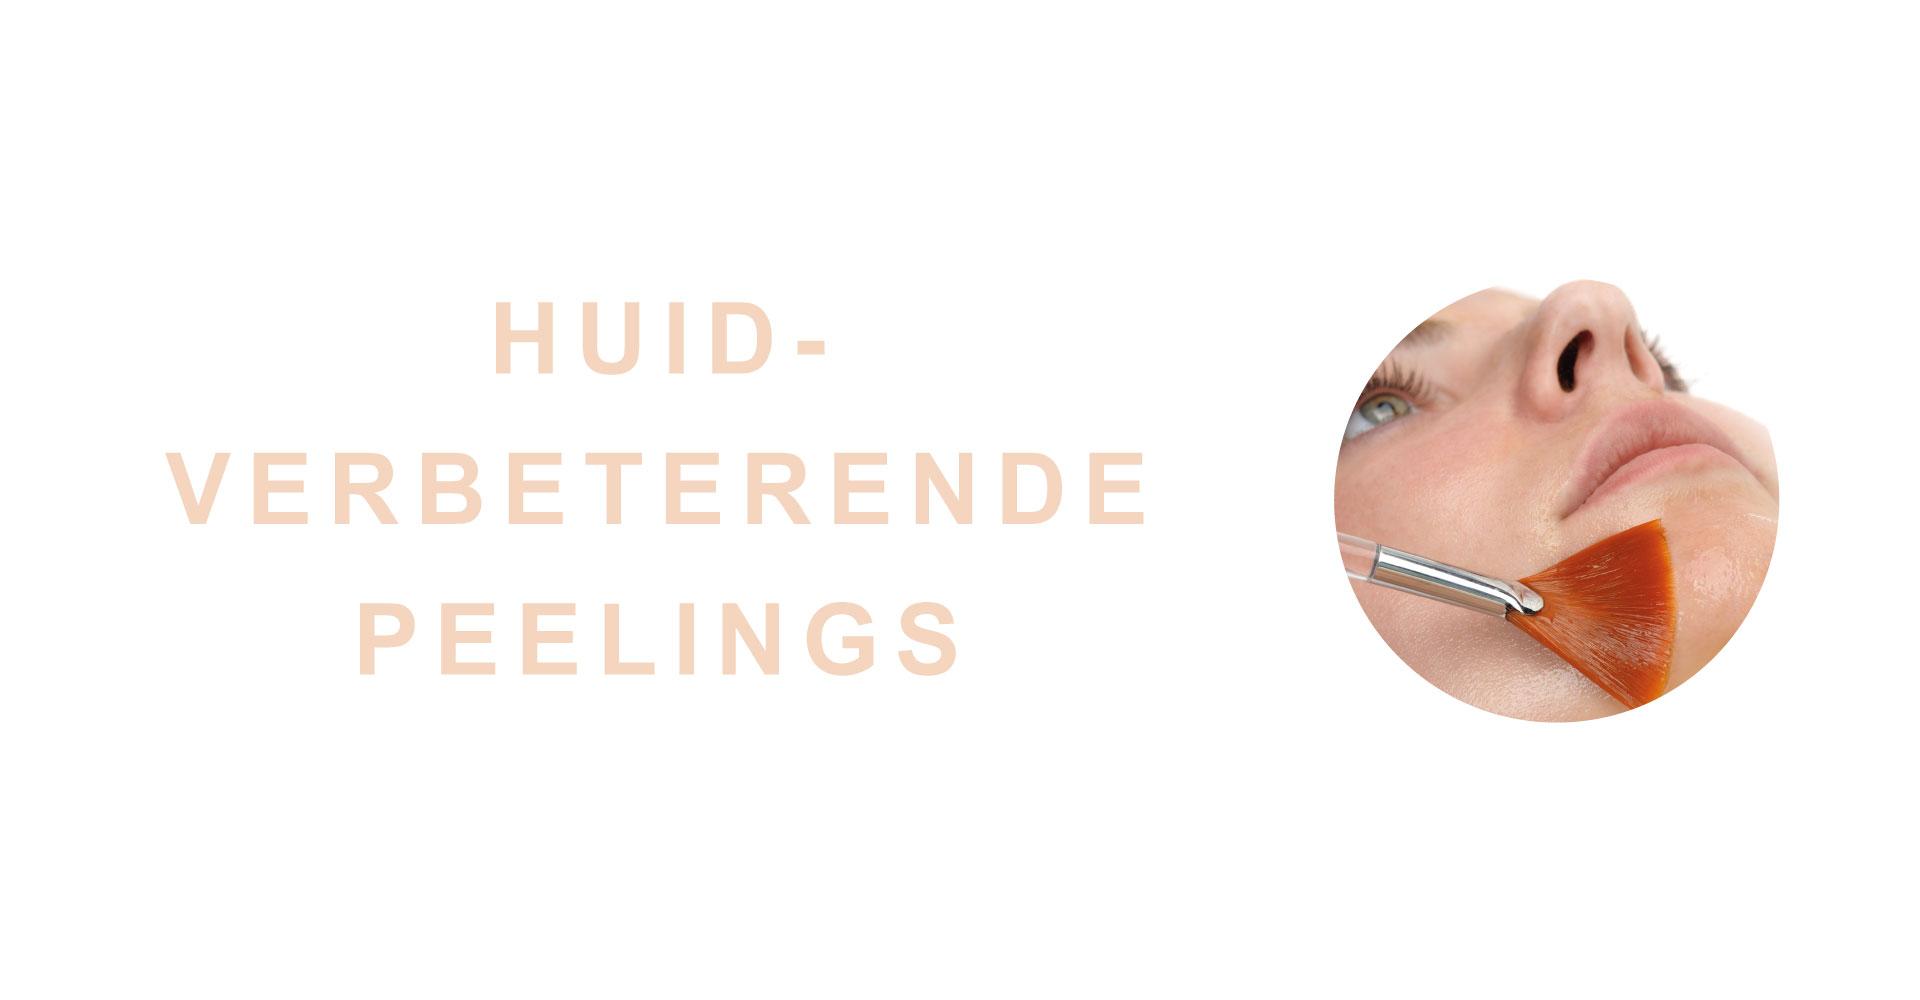 huidverbetering-peelings-skincare-isabelle-schoonheidsspecialiste-tessenderlo